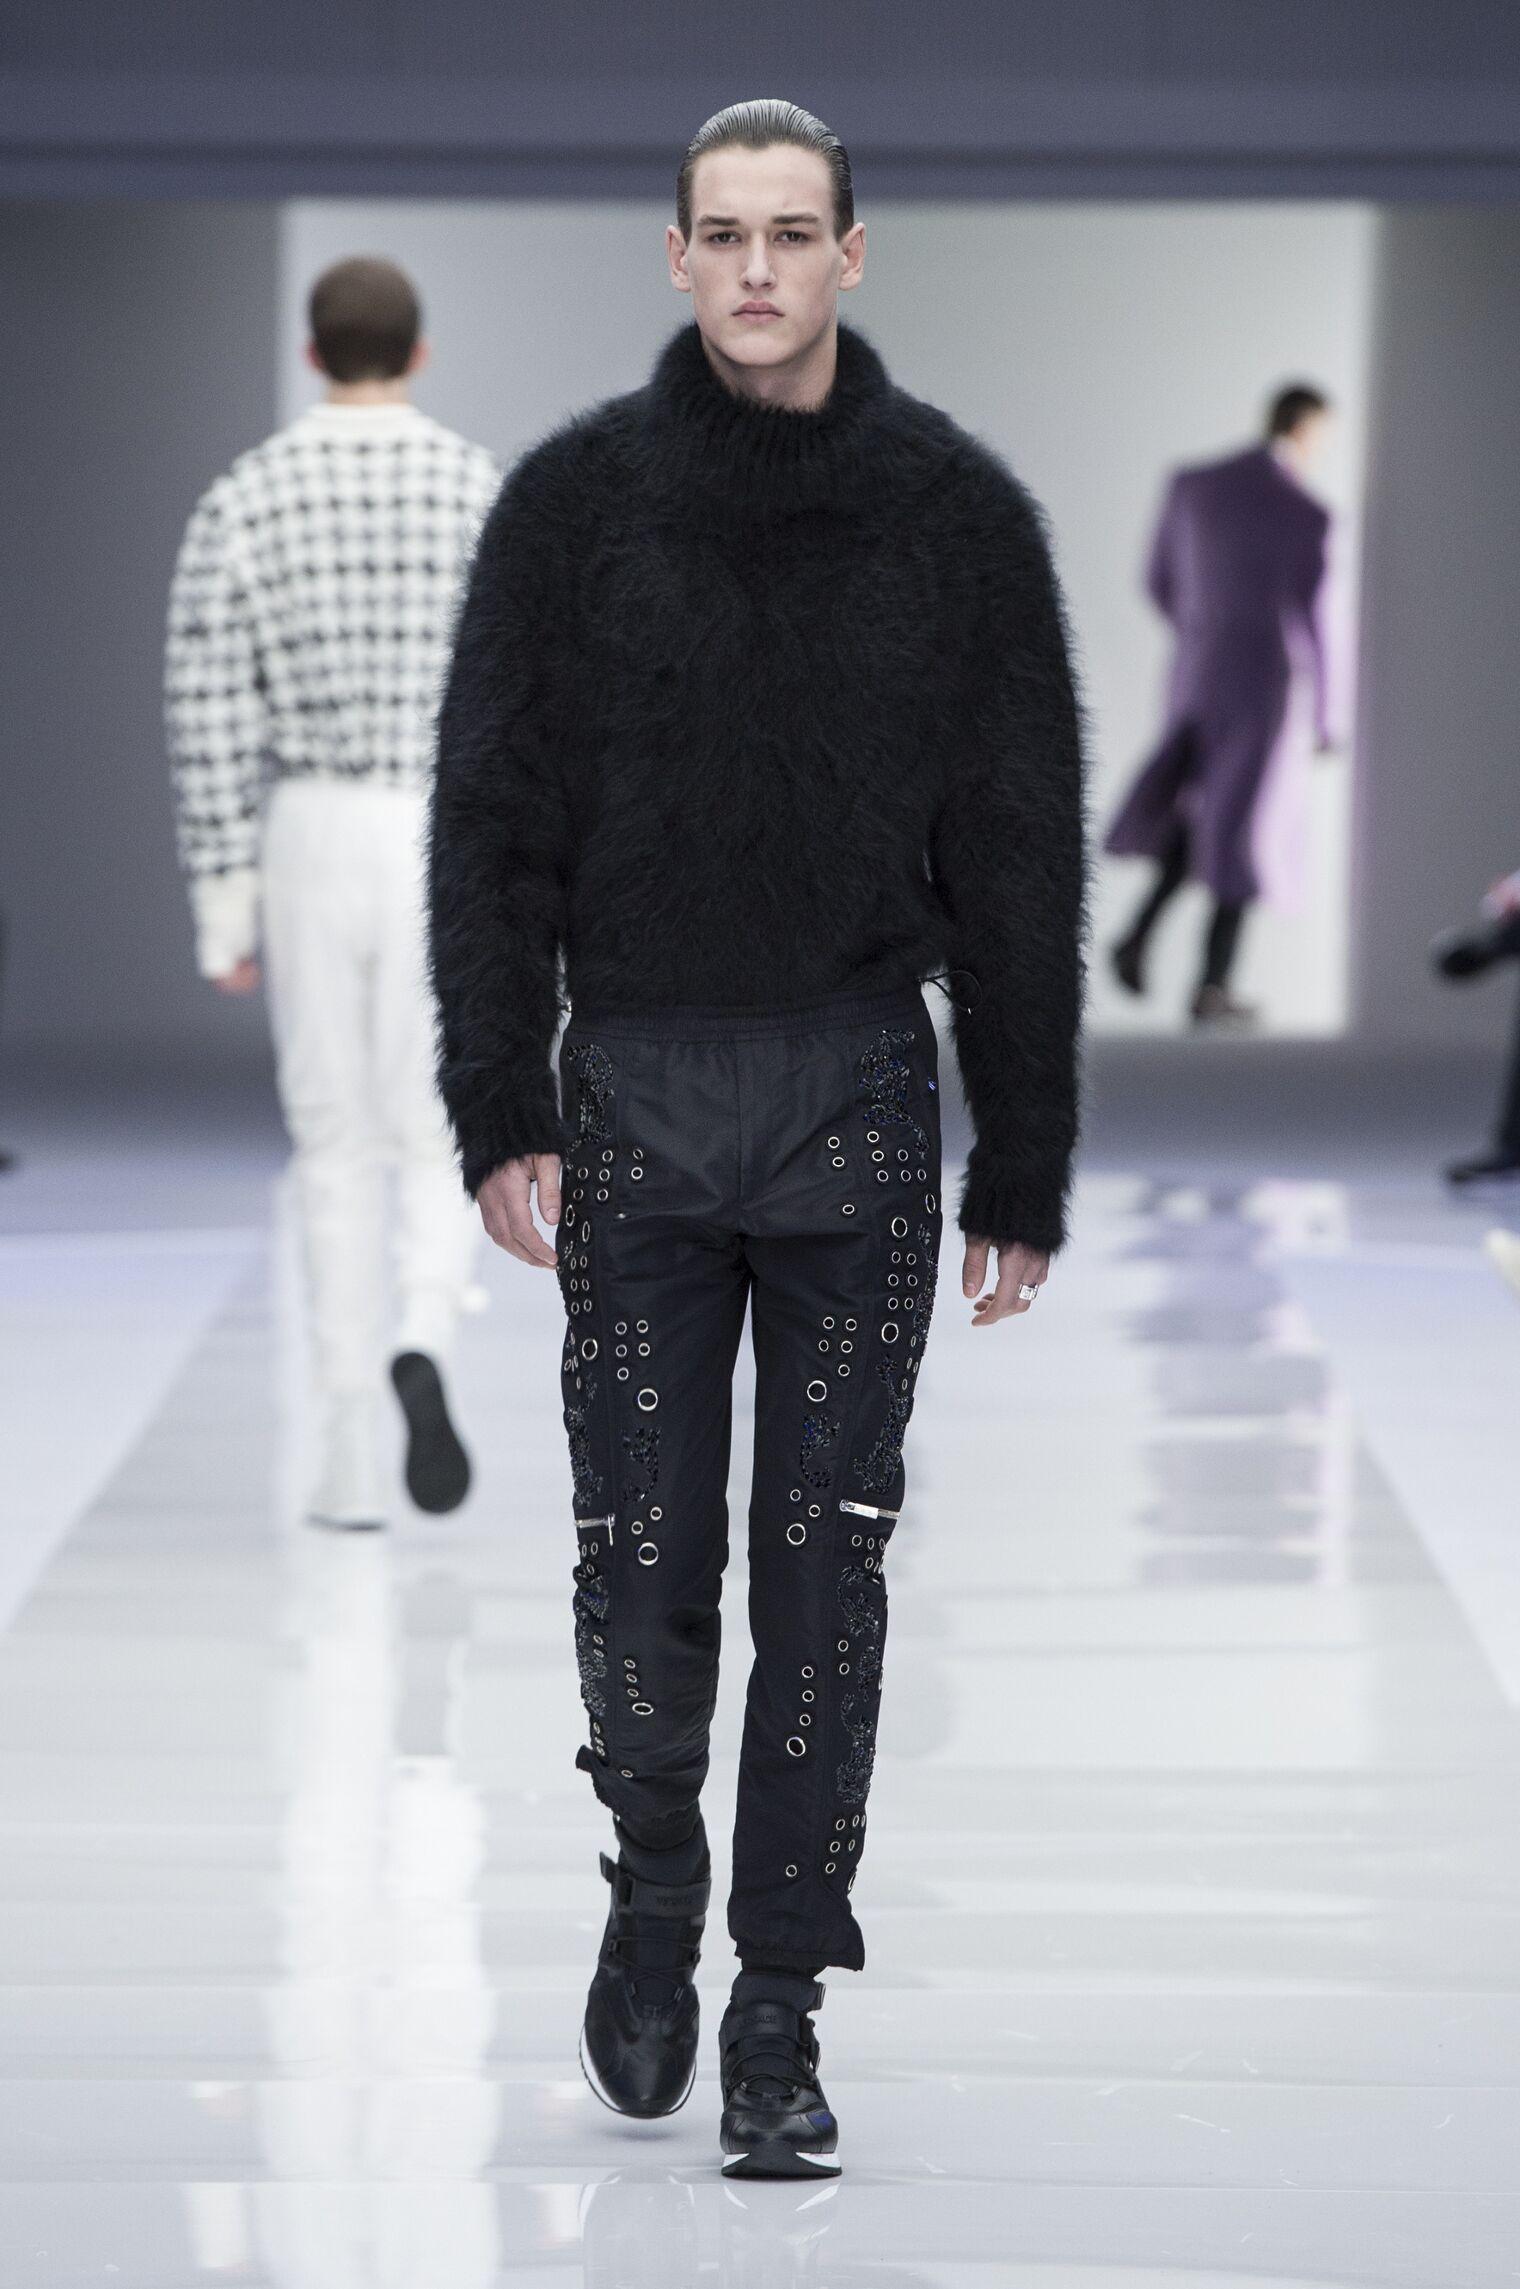 2016-17 Versace Winter Runway